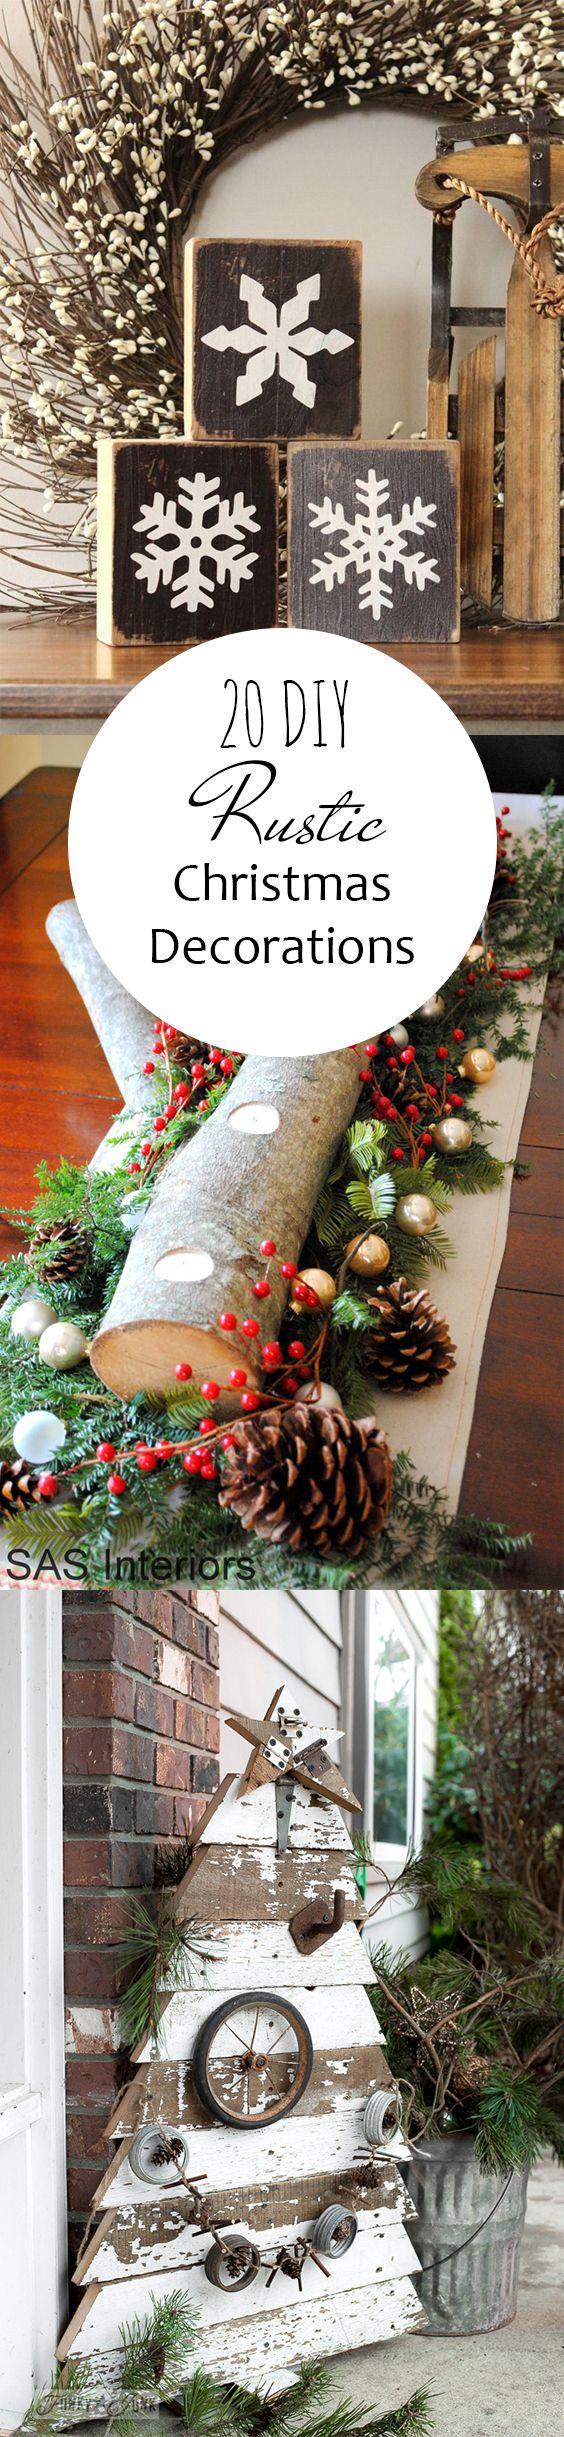 20 diy rustic christmas decorations page 22 of 22 - Decoracion navidena rustica ...